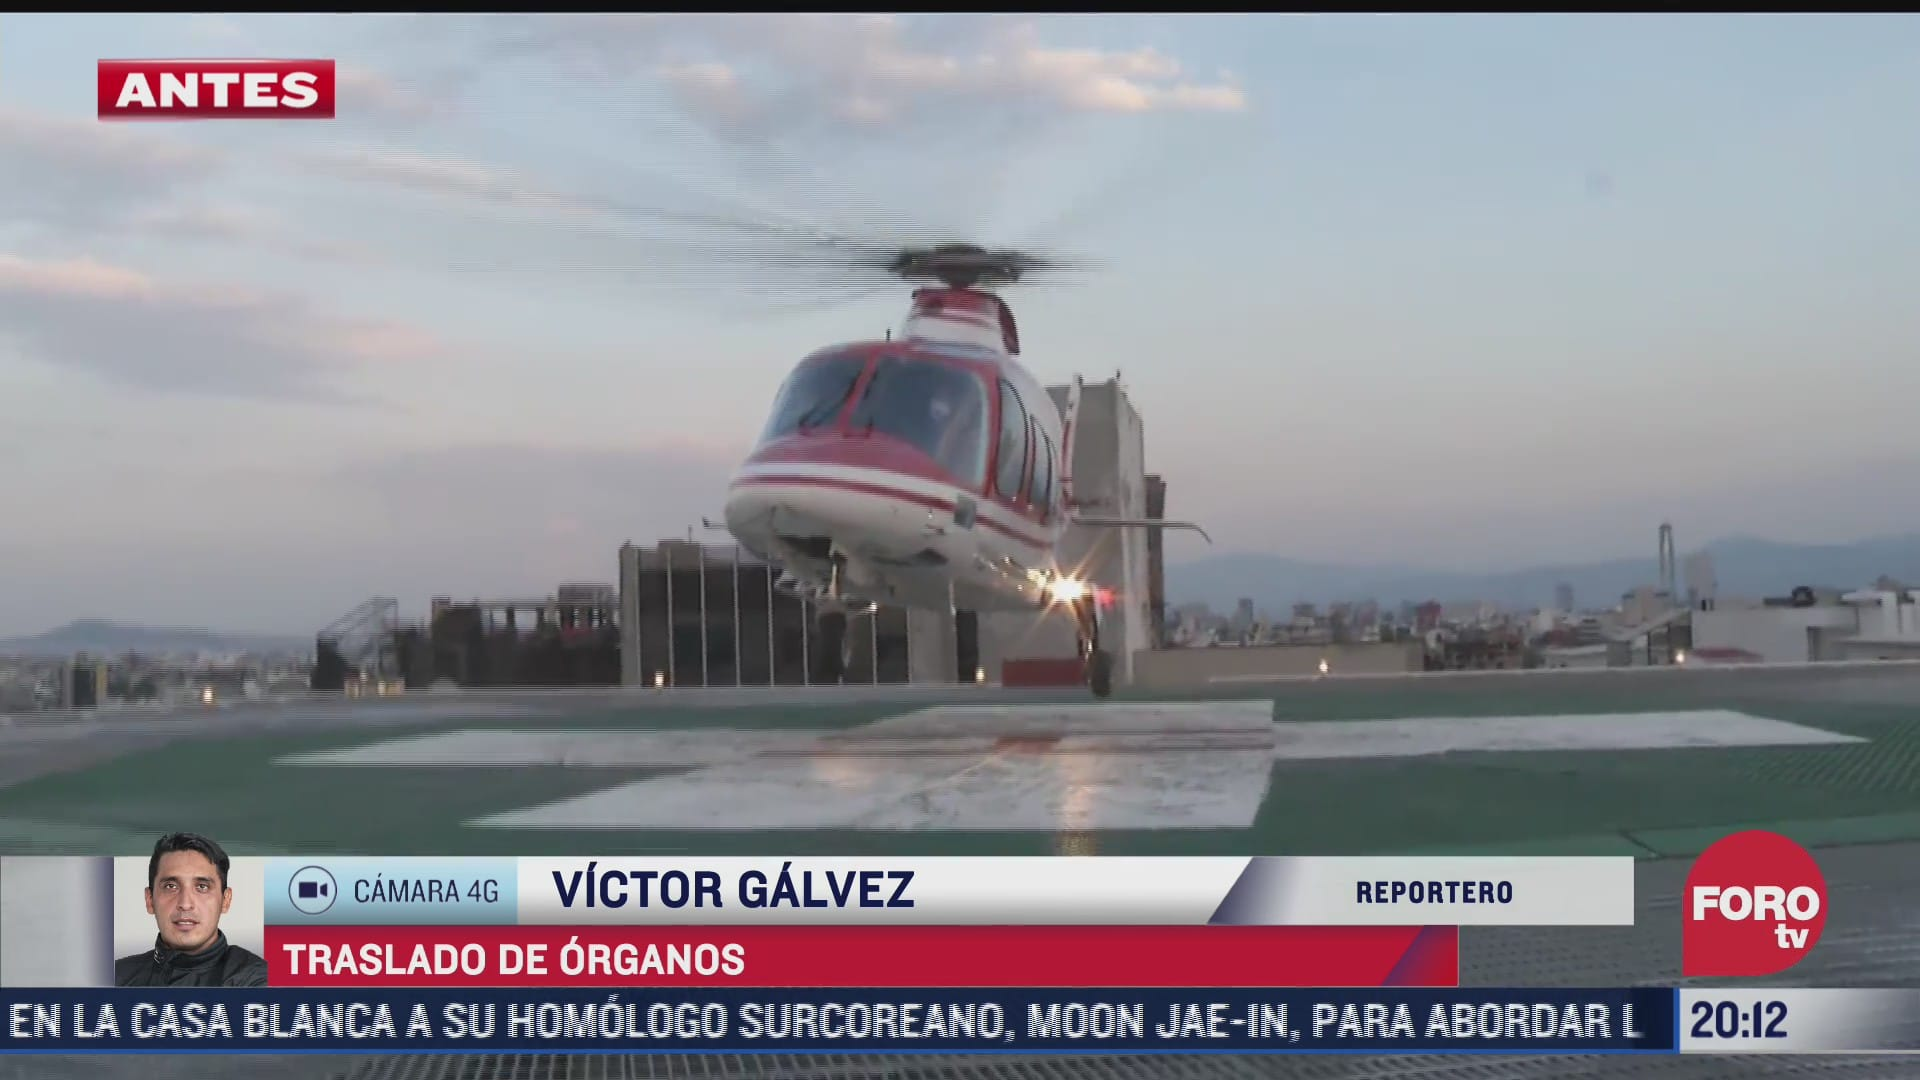 realizan traslado de organos en helicoptero relampago